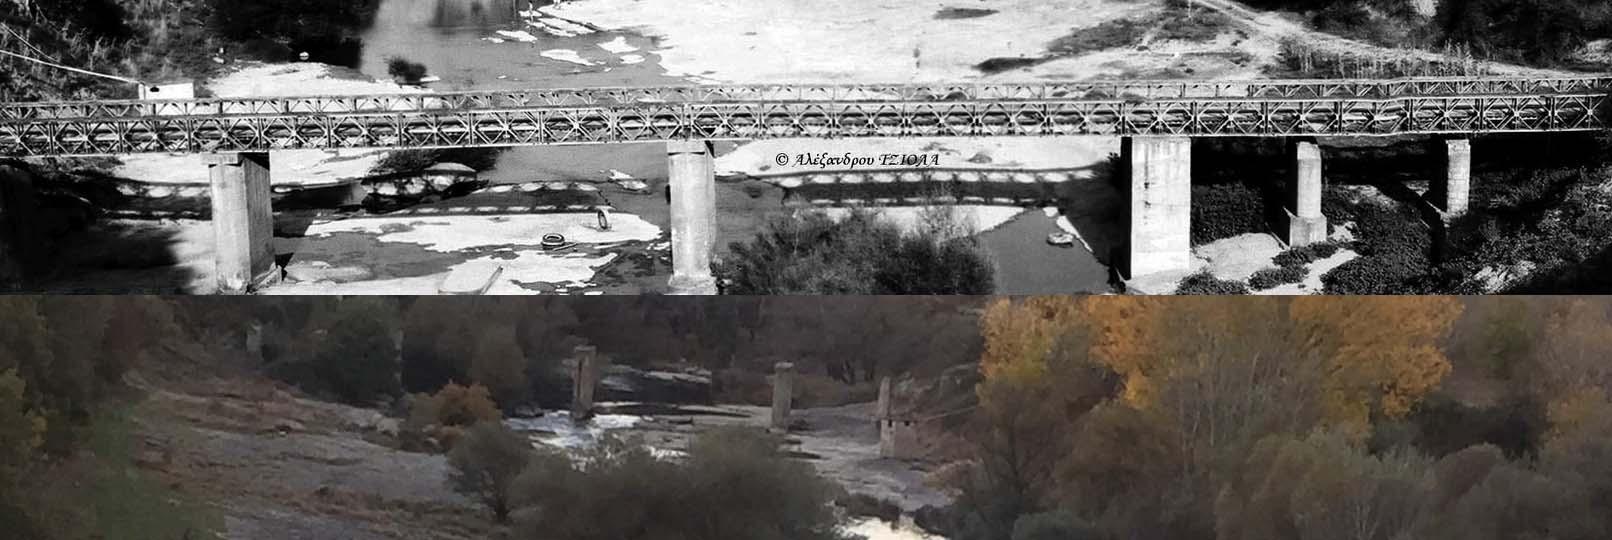 ΕΝΑ ΑΚΟΜΗ ΜΝΗΜΕΙΟ ΕΧΕΙ ΚΑΤΑΣΤΡΑΦΕΙ ! Πρόκειται για την ιστορική Γέφυρα του Αλιάκμονα, μνημείο της Εθνικής Αντίστασης και του 2ου Π.Π.